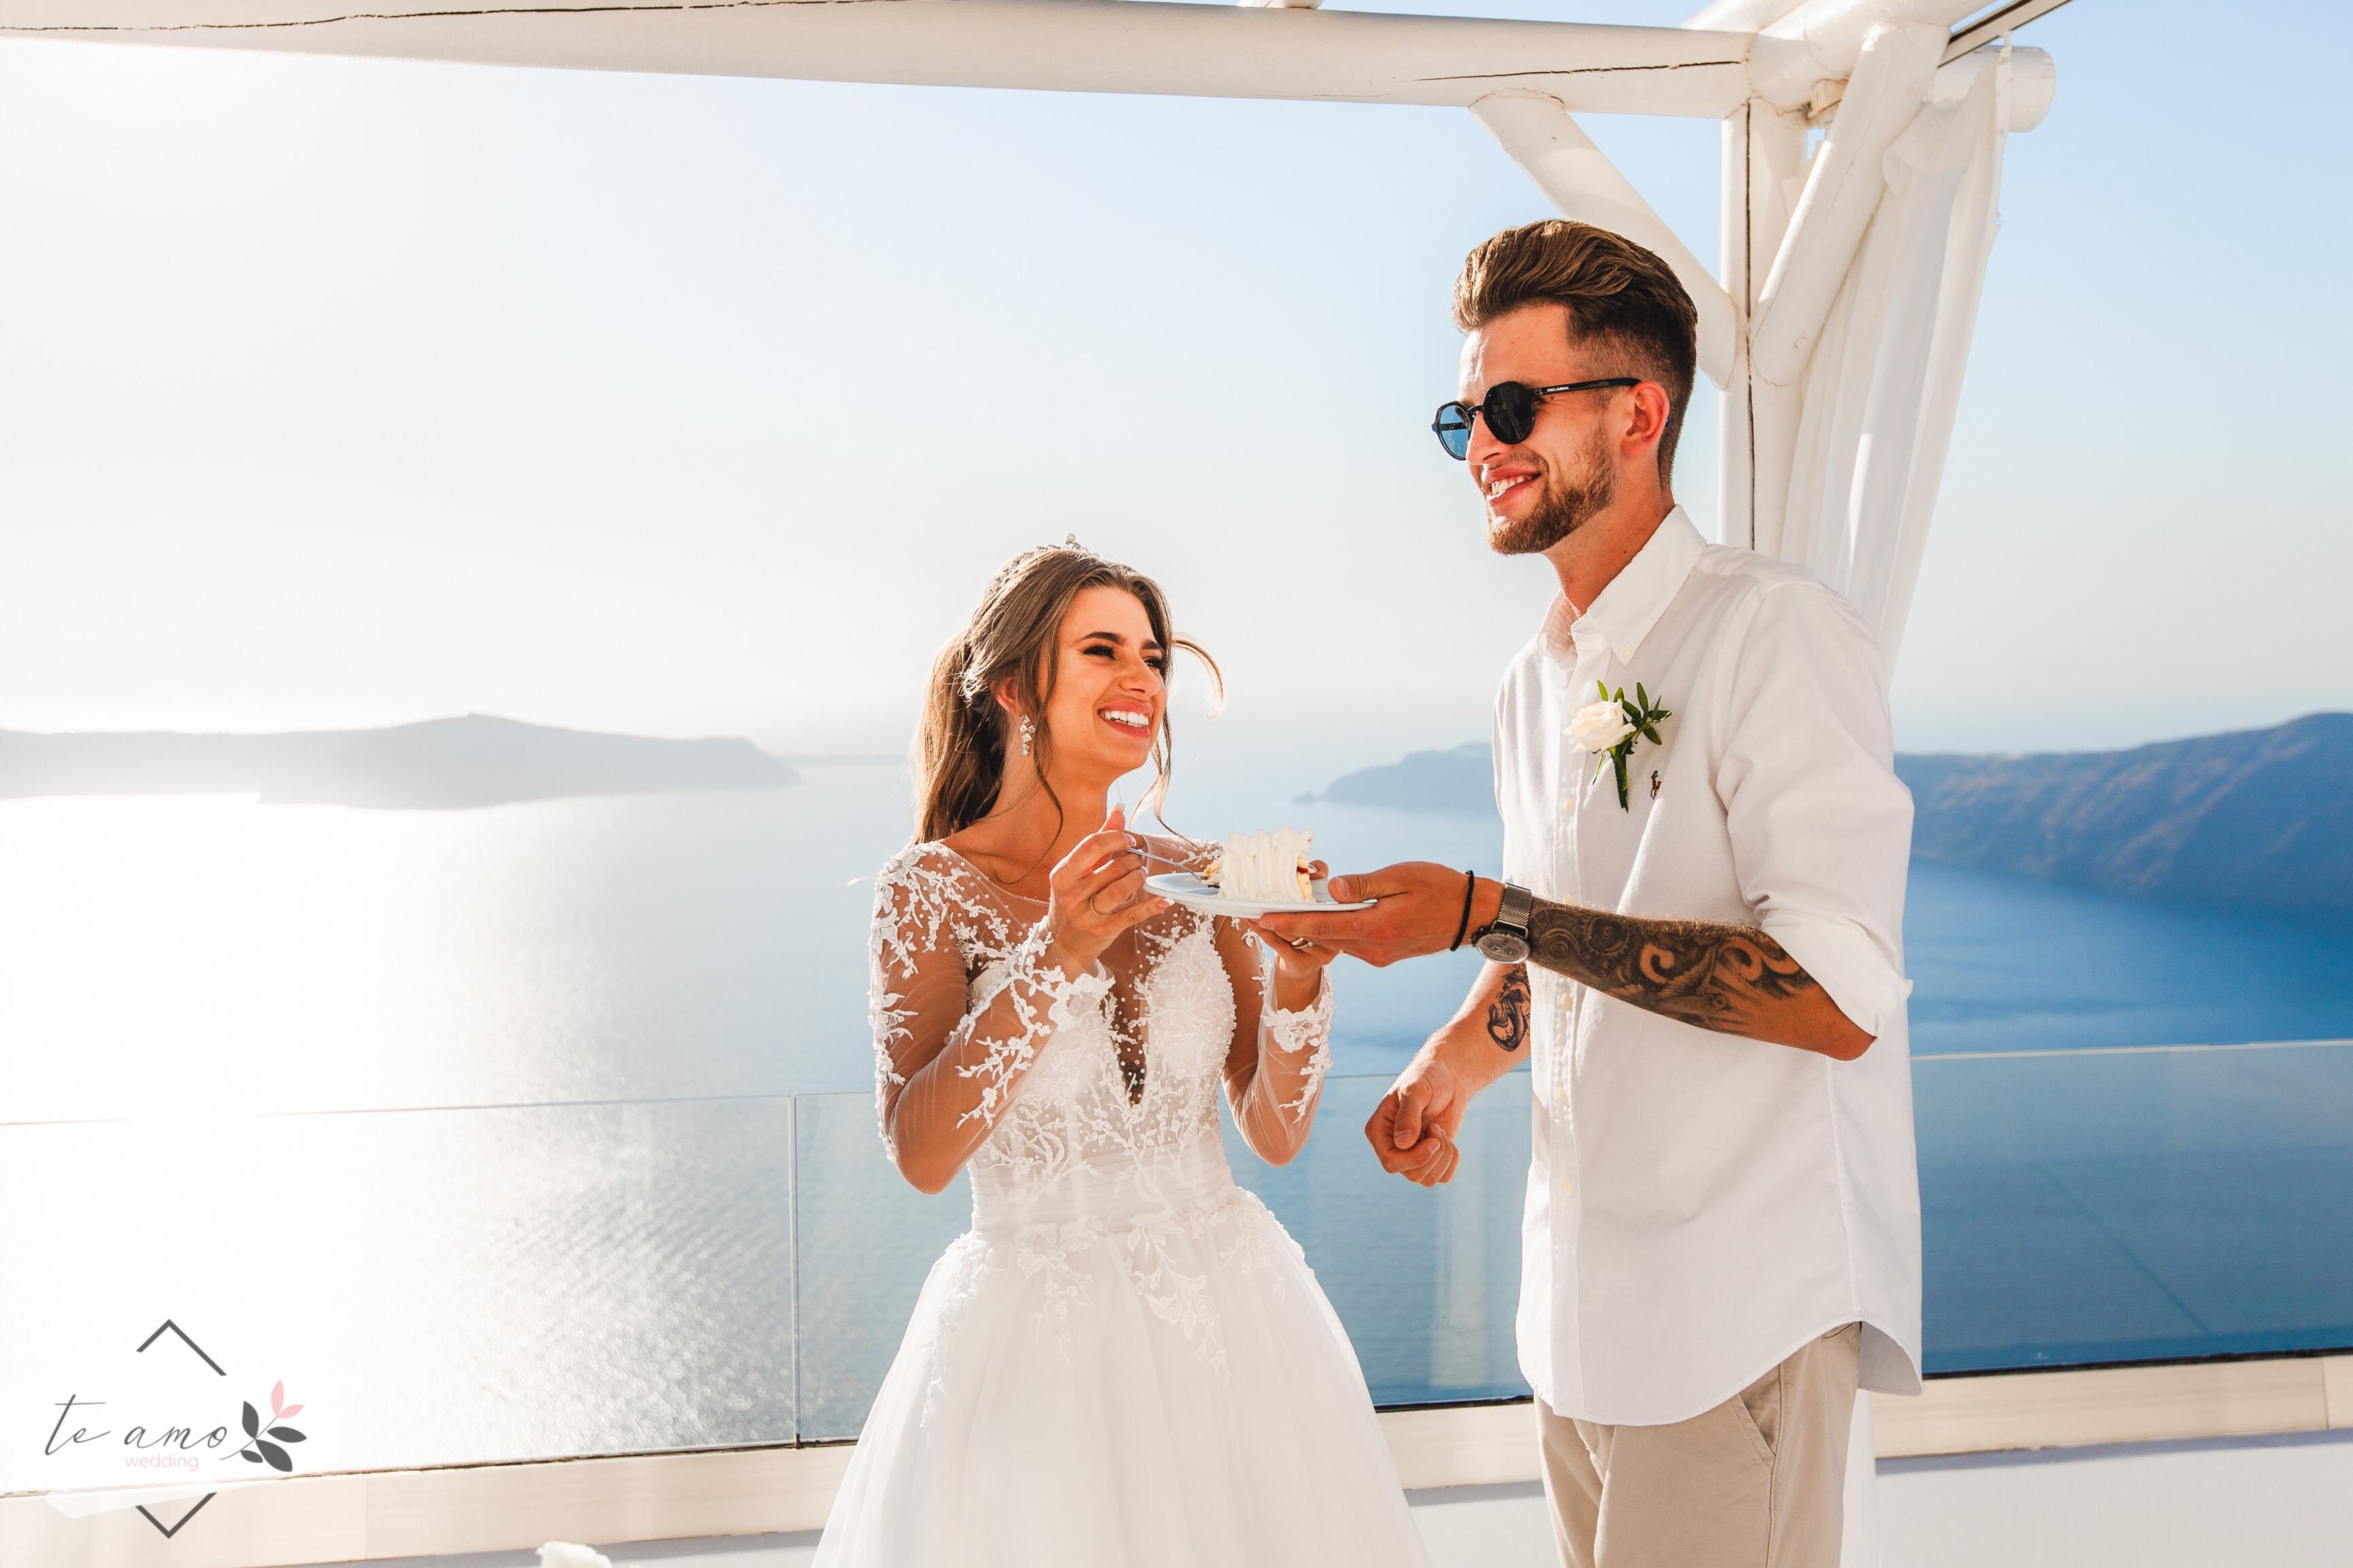 S & I | Te Amo Wedding